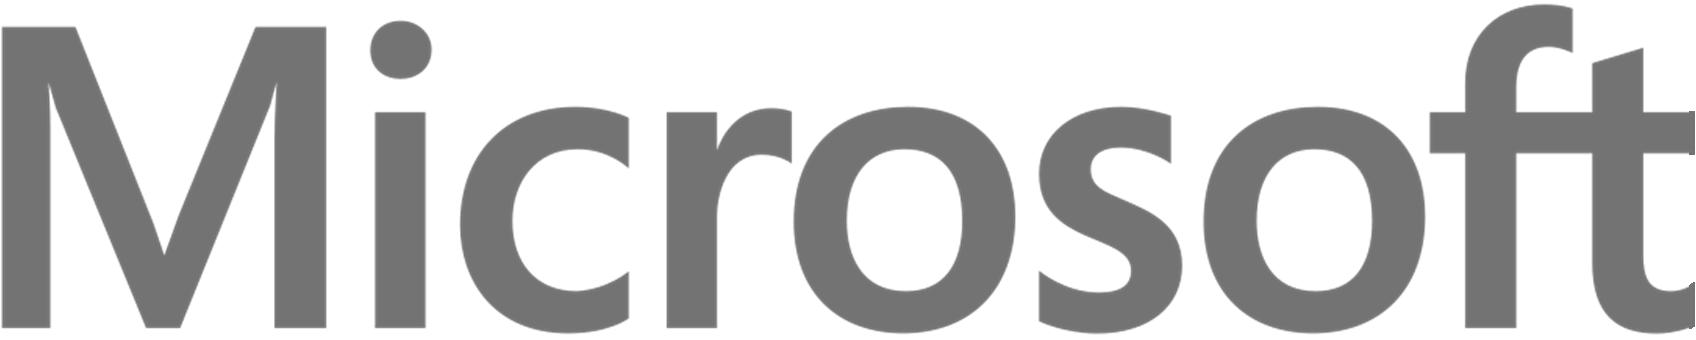 Microsoft PNG - 24877